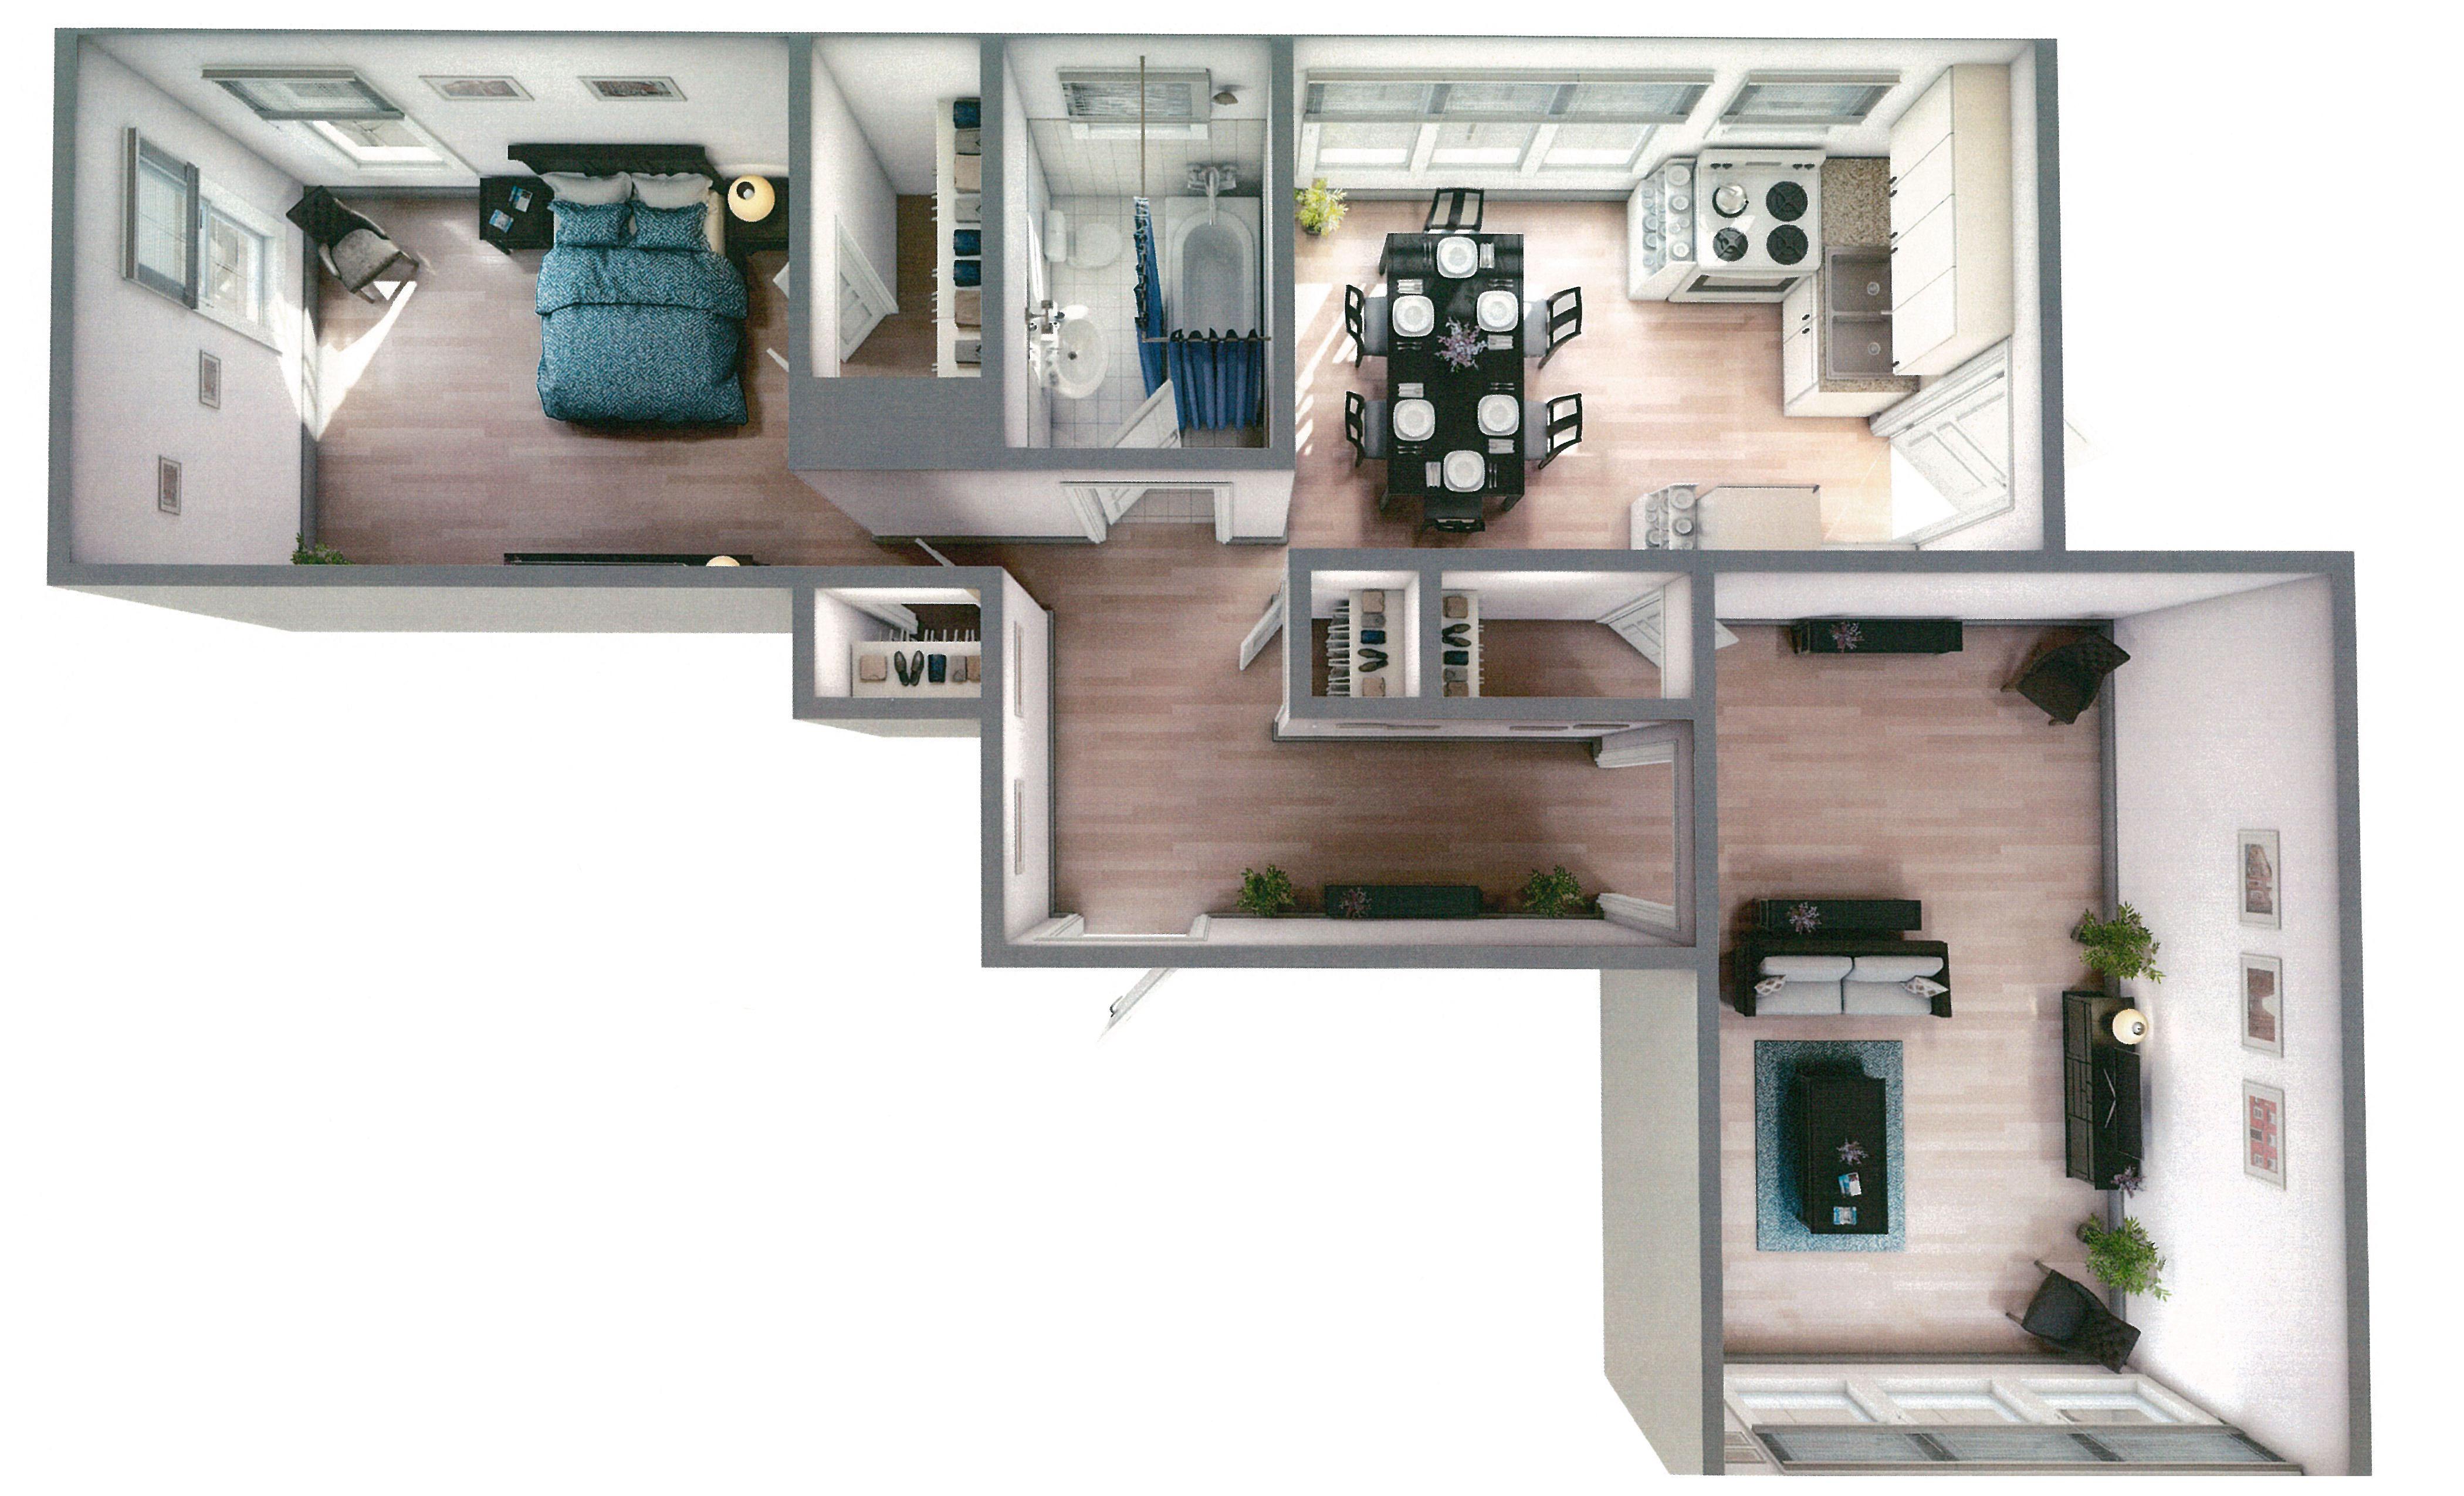 4235½ N. Hermitage - 3D